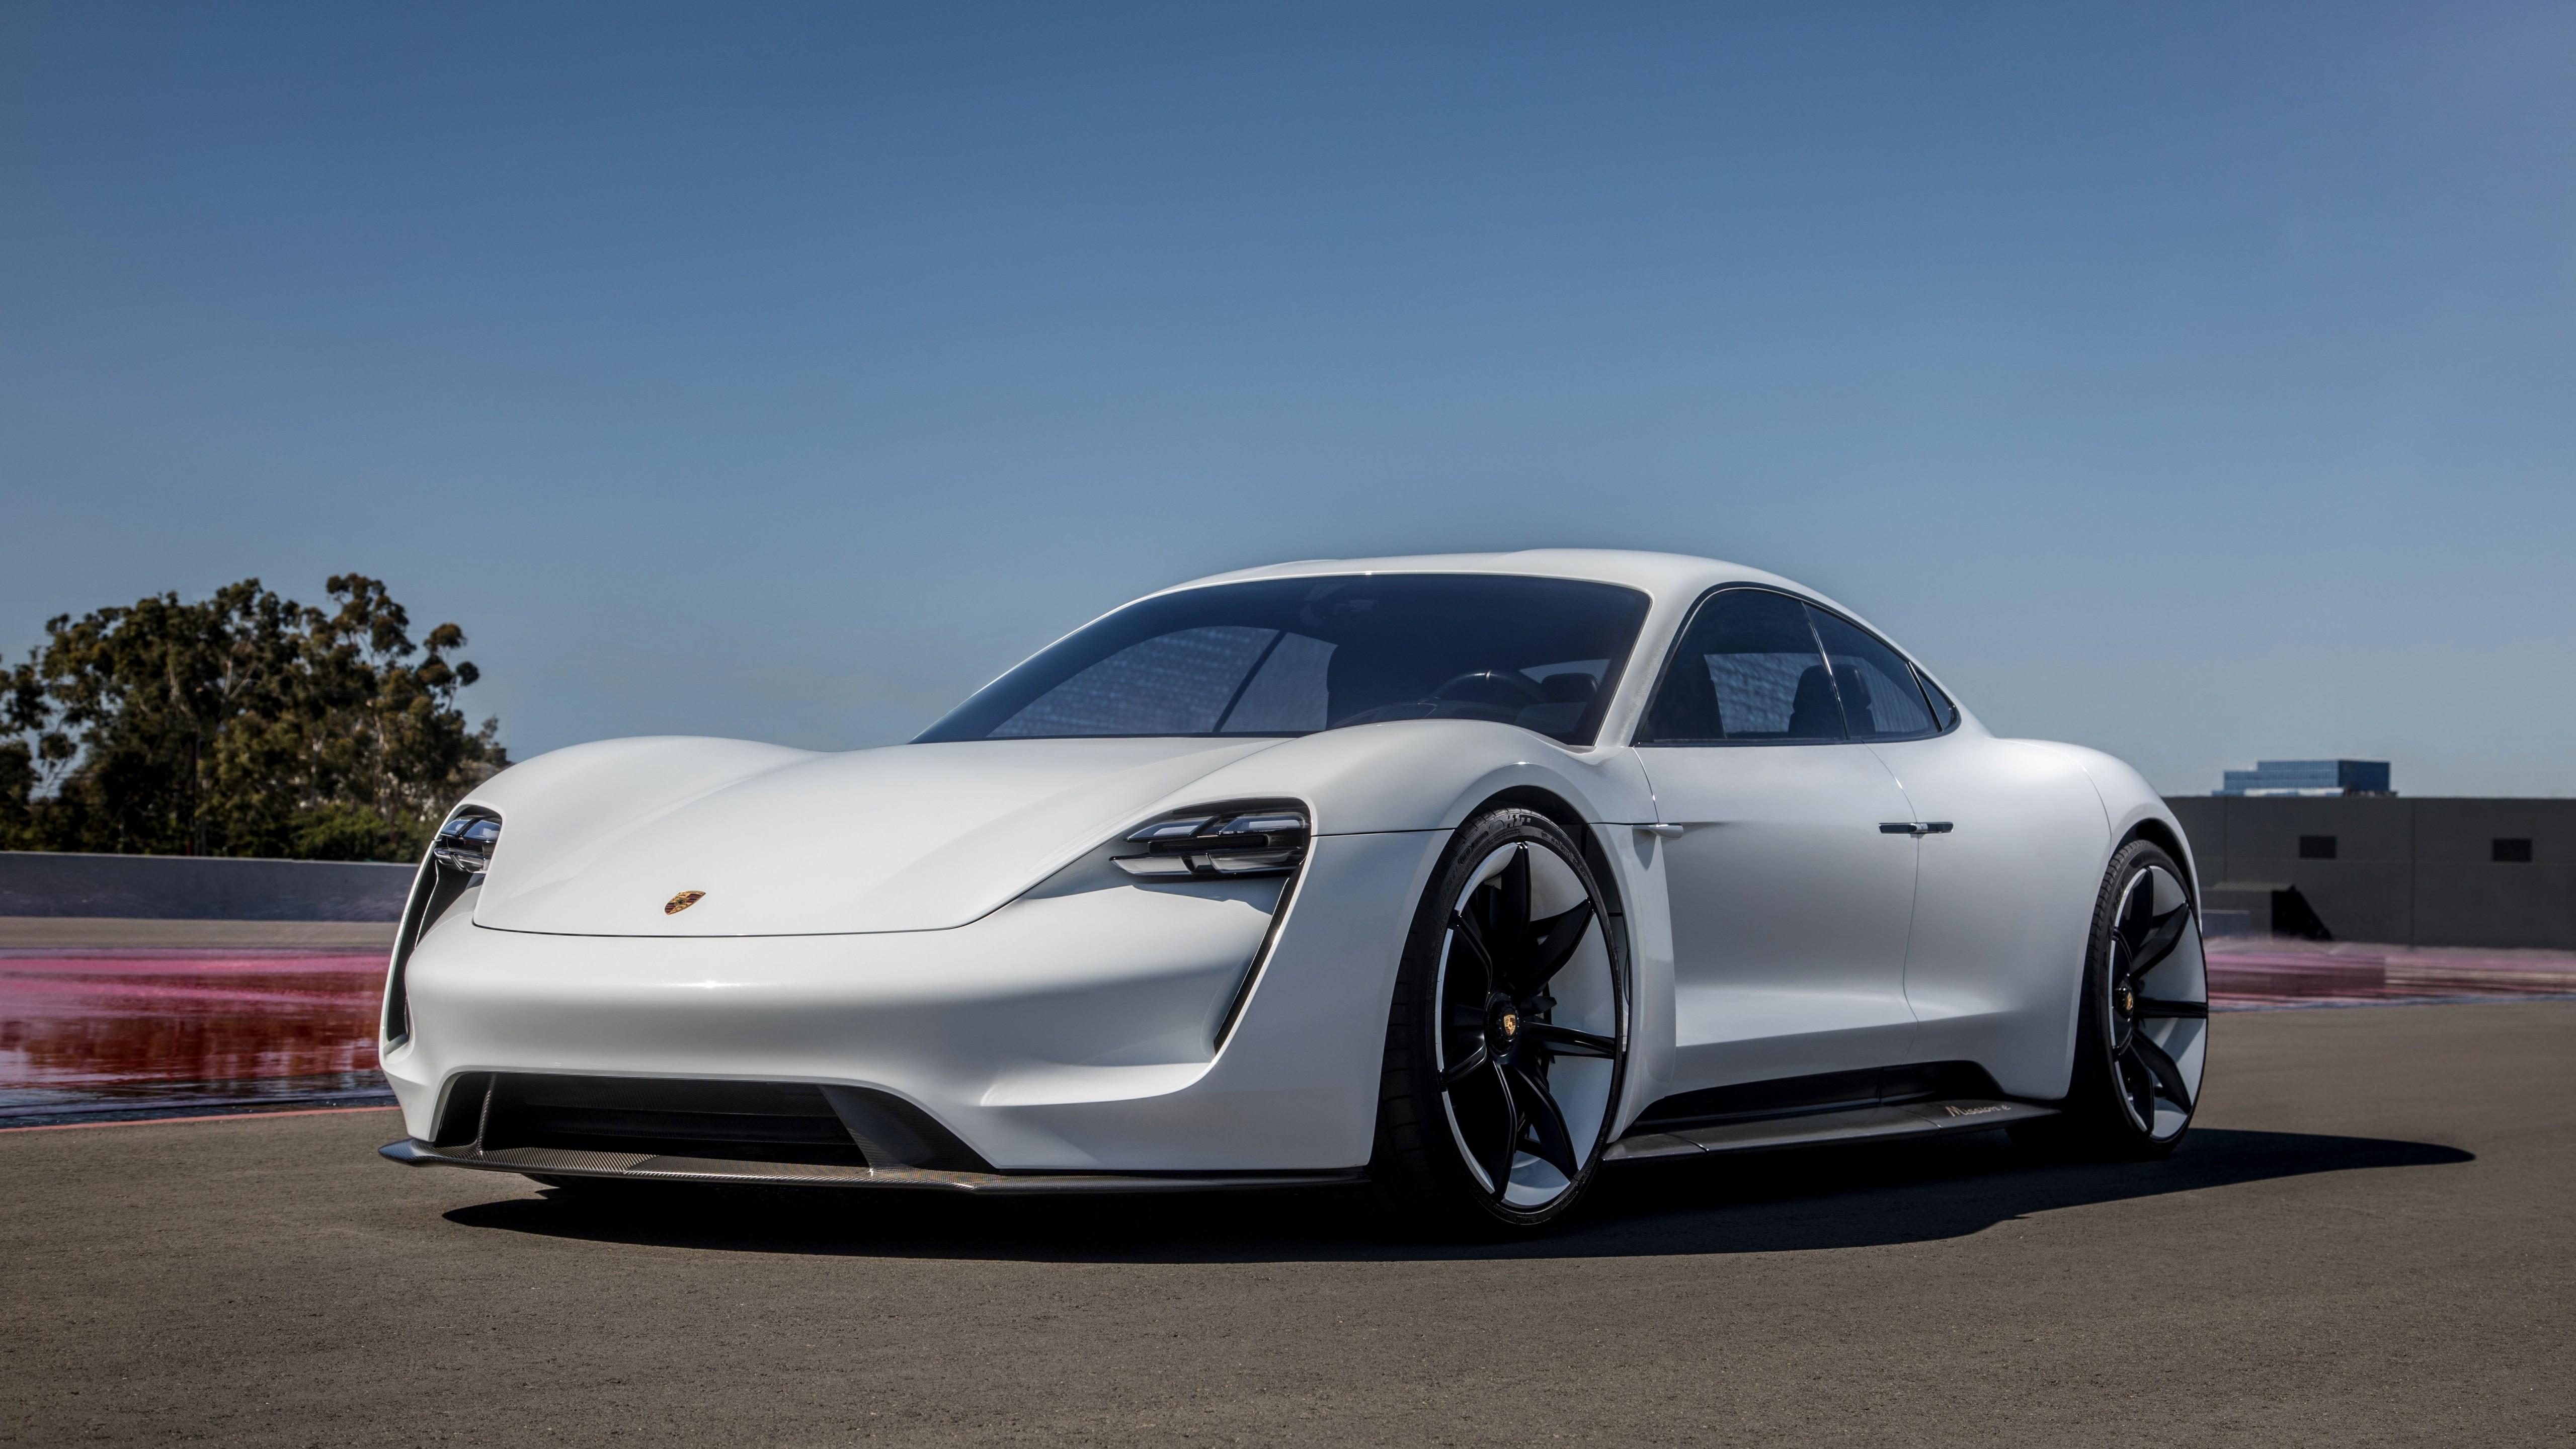 Wallpaper Porsche Taycan Electric Car Supercar 2020